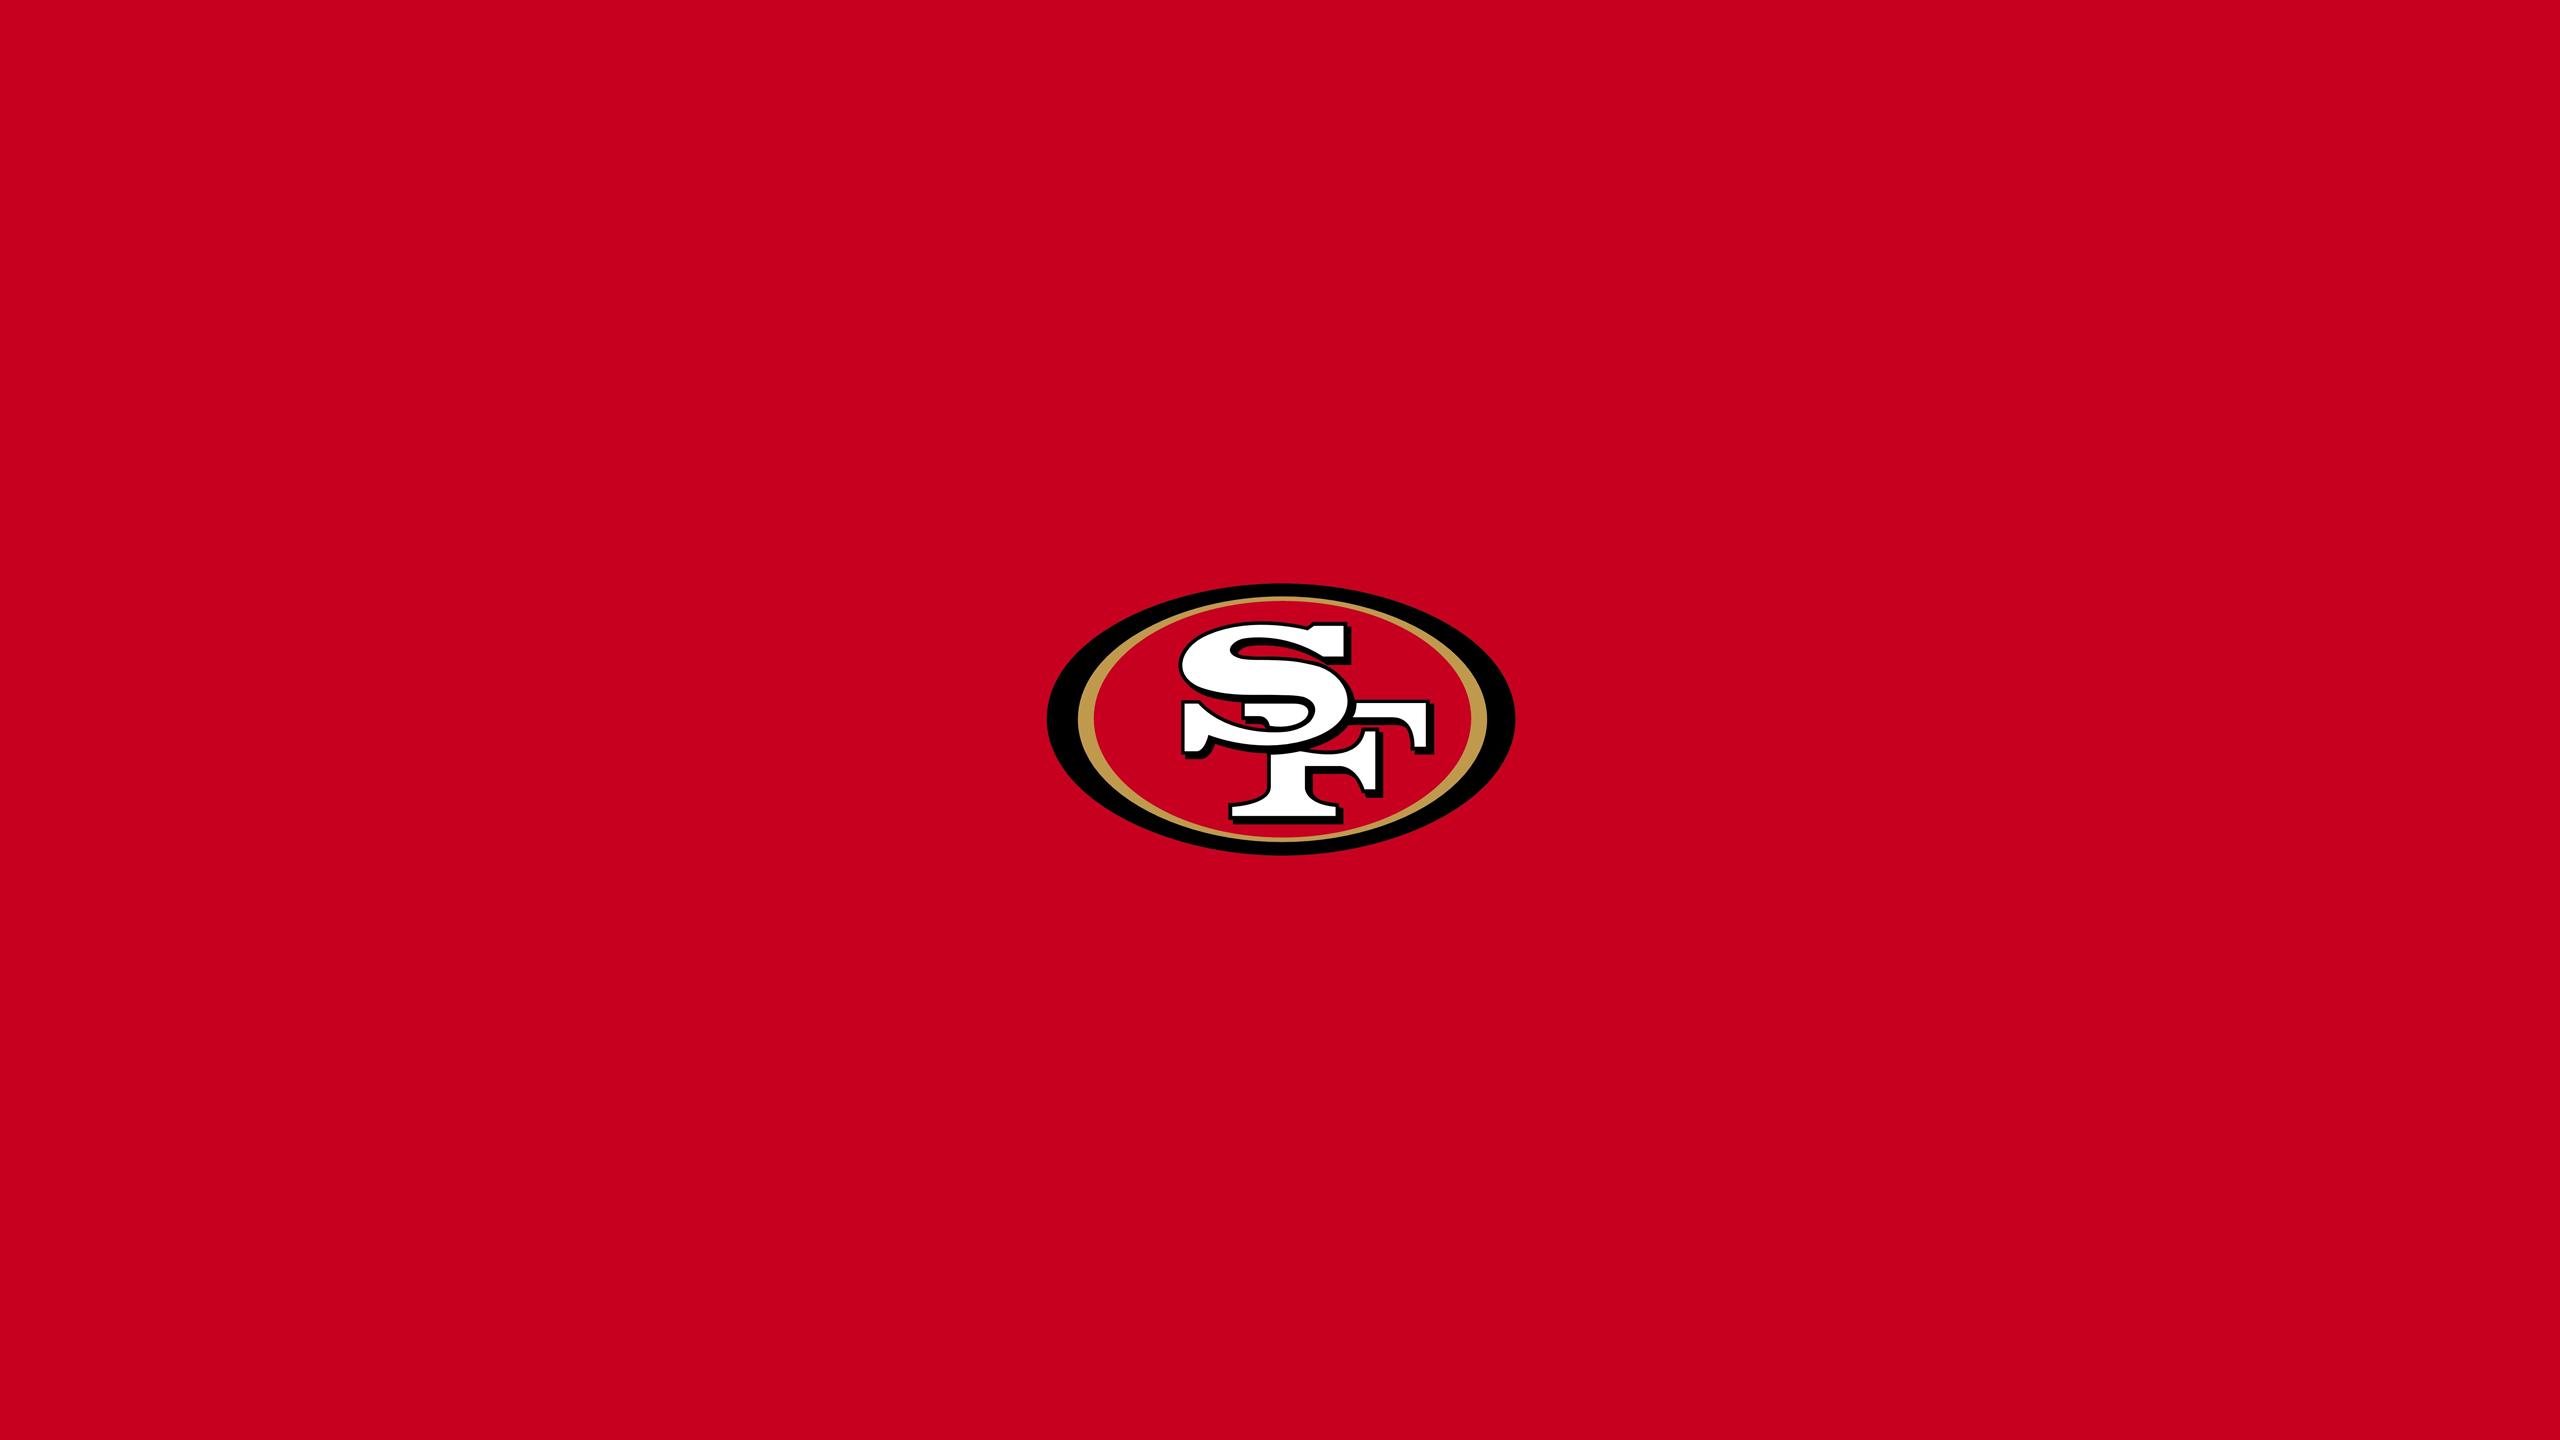 Logo 49ers Wallpaper 5245 1440x2560px 49ers Wallpaper 49ers 2560x1440